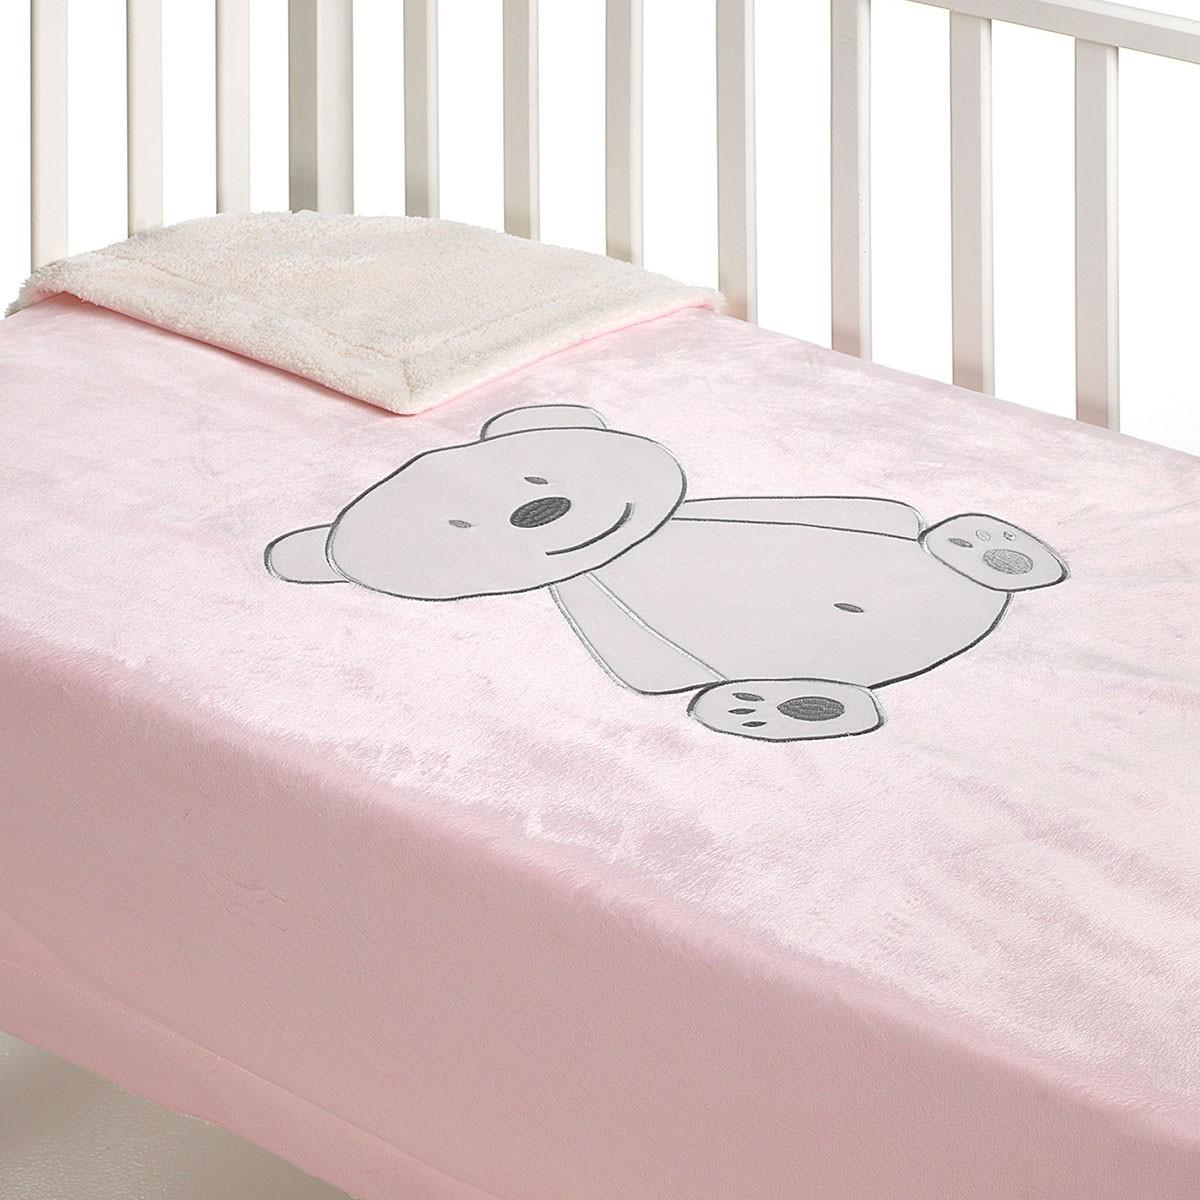 Κουβέρτα Βελουτέ Κούνιας Με Γουνάκι Morven Pasitos B47 Pink